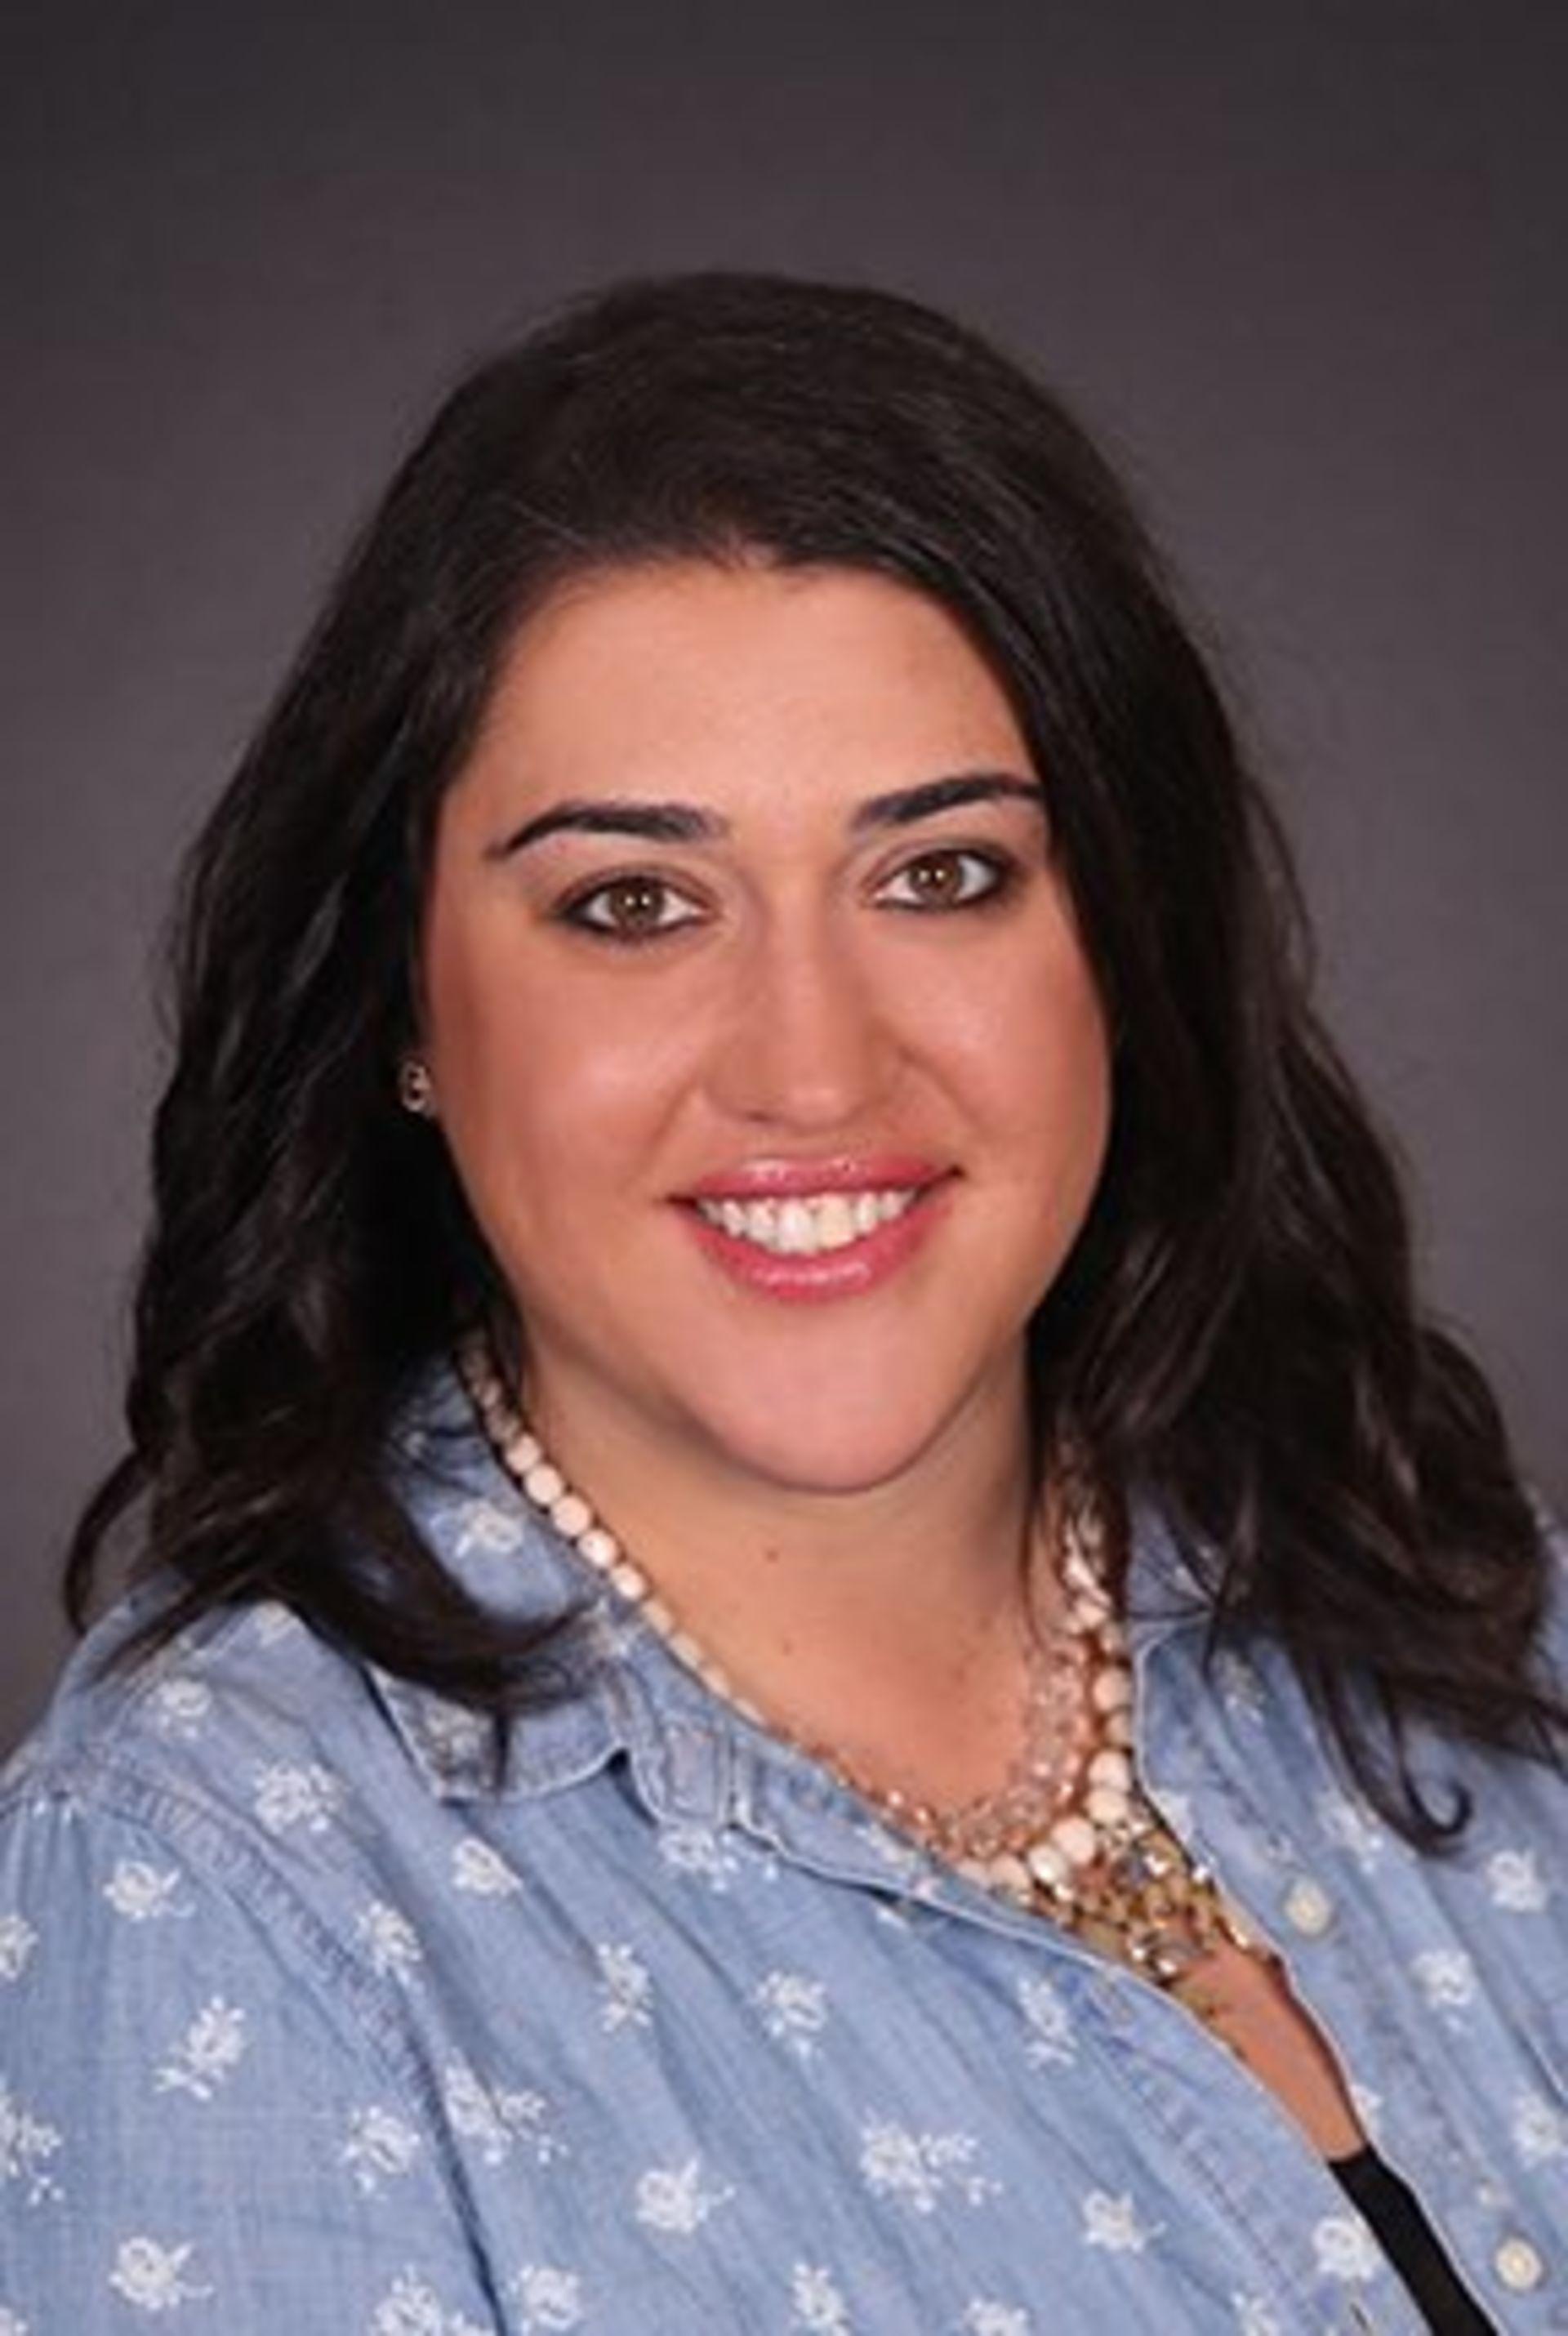 Gina Mortillaro